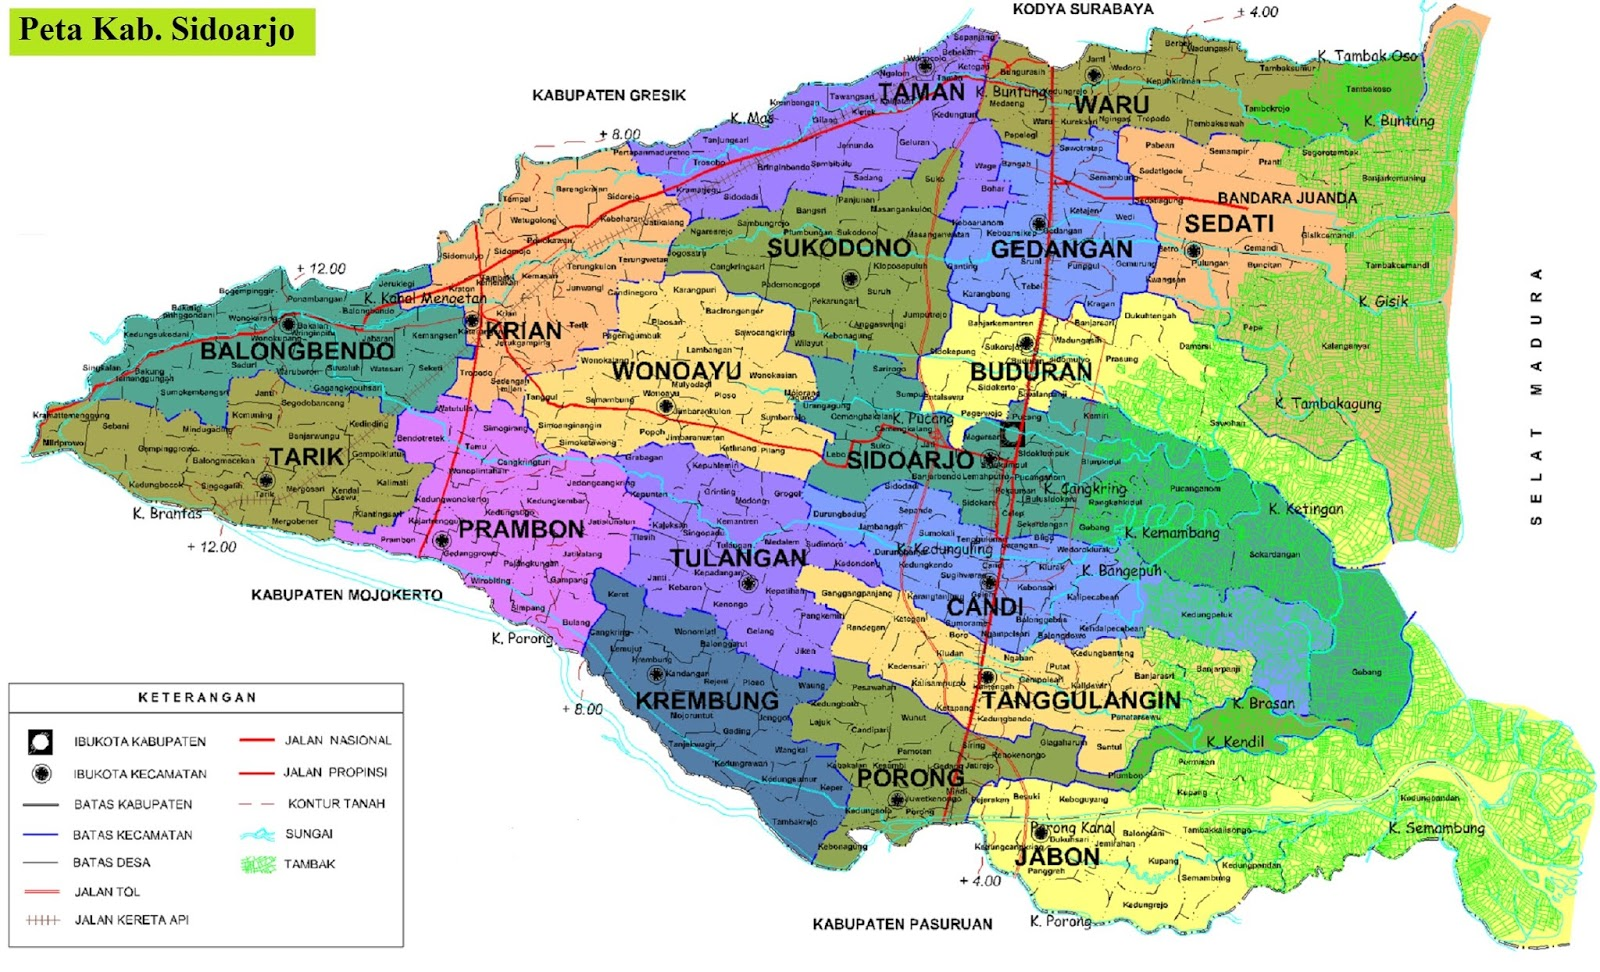 Peta Kabupaten Sidoarjo